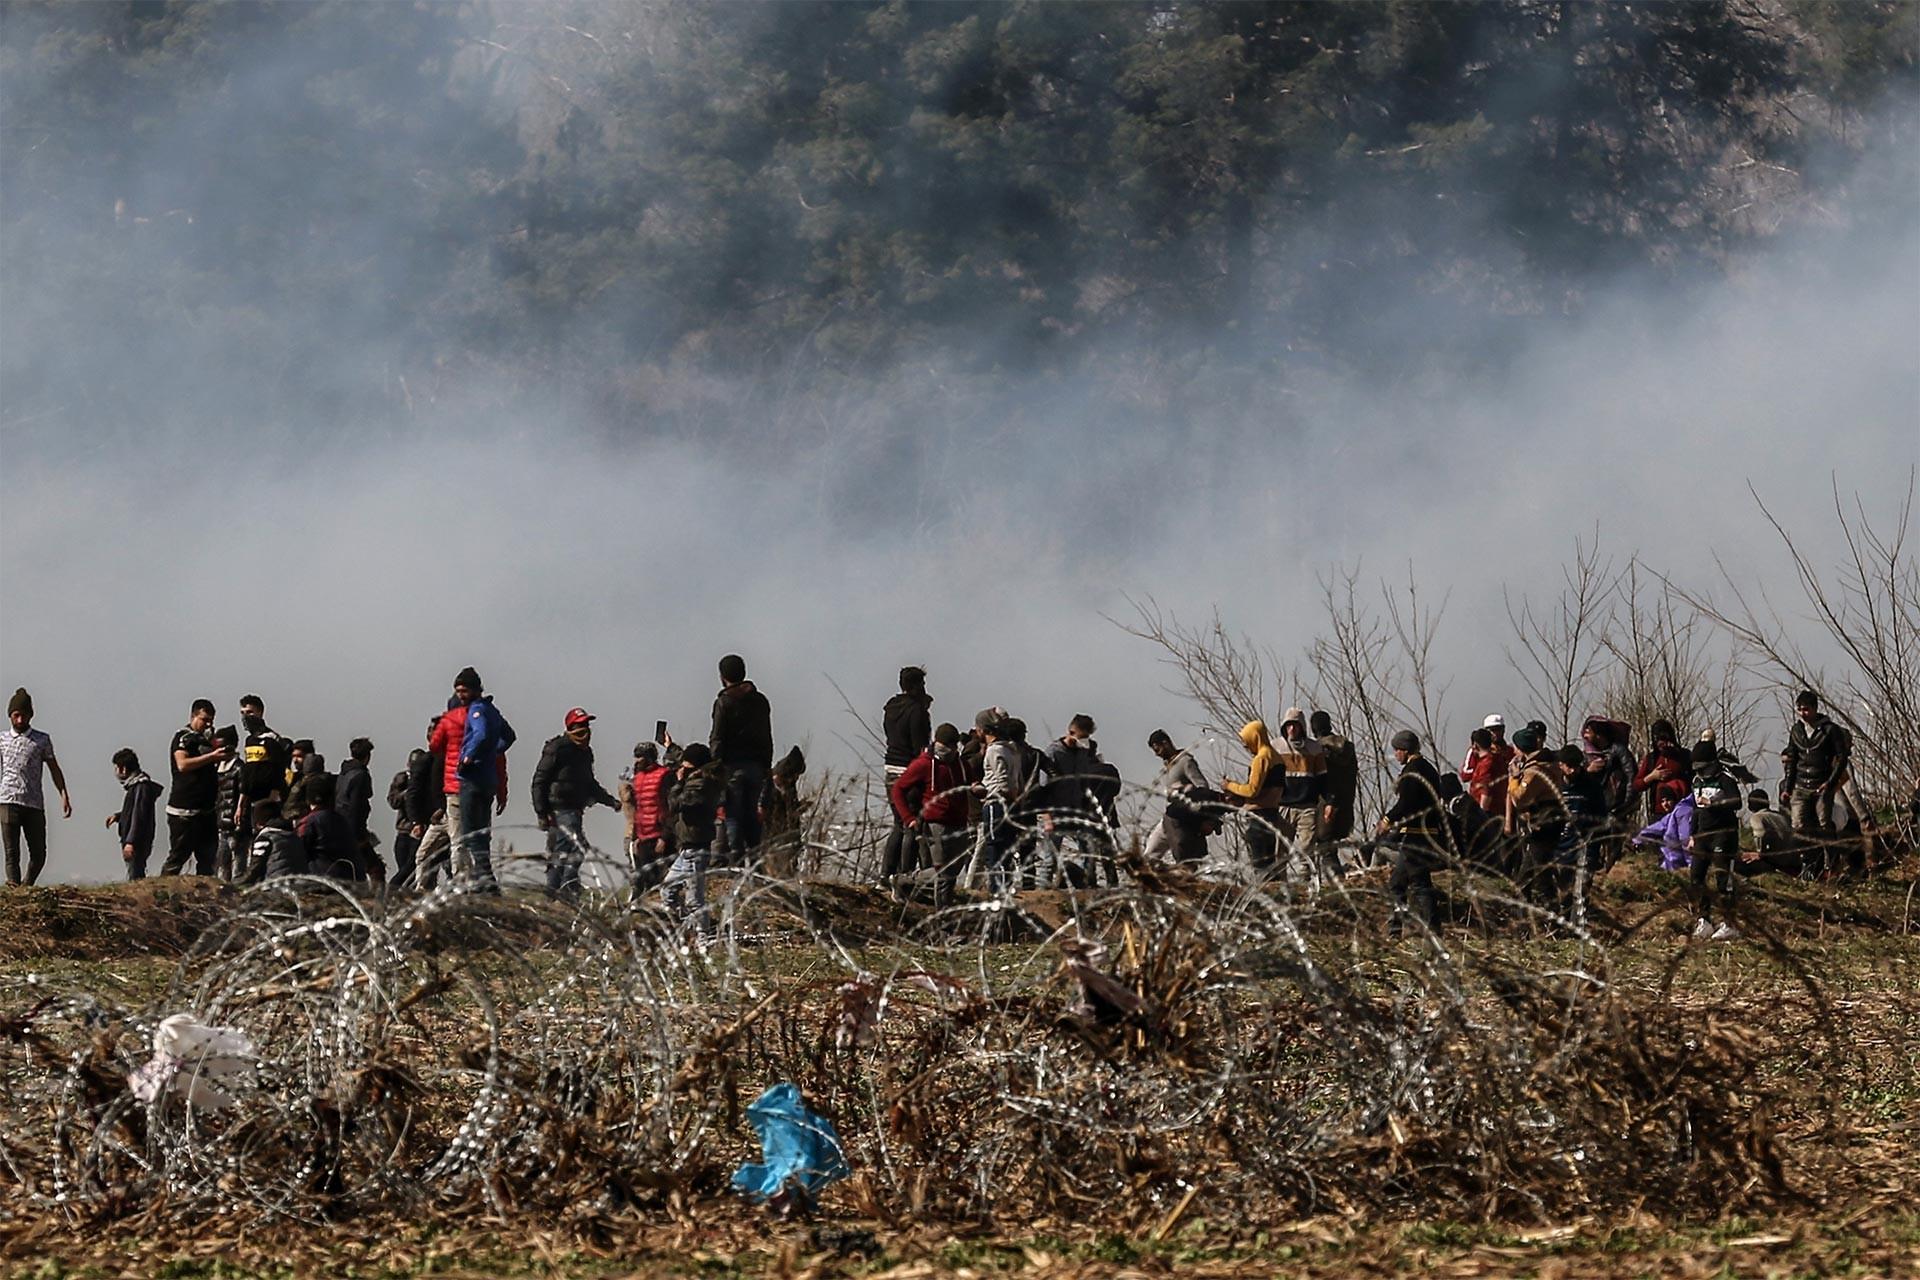 Edirne sınırında bekleyen mülteciler ve havaya yayılan gaz bombası dumanı